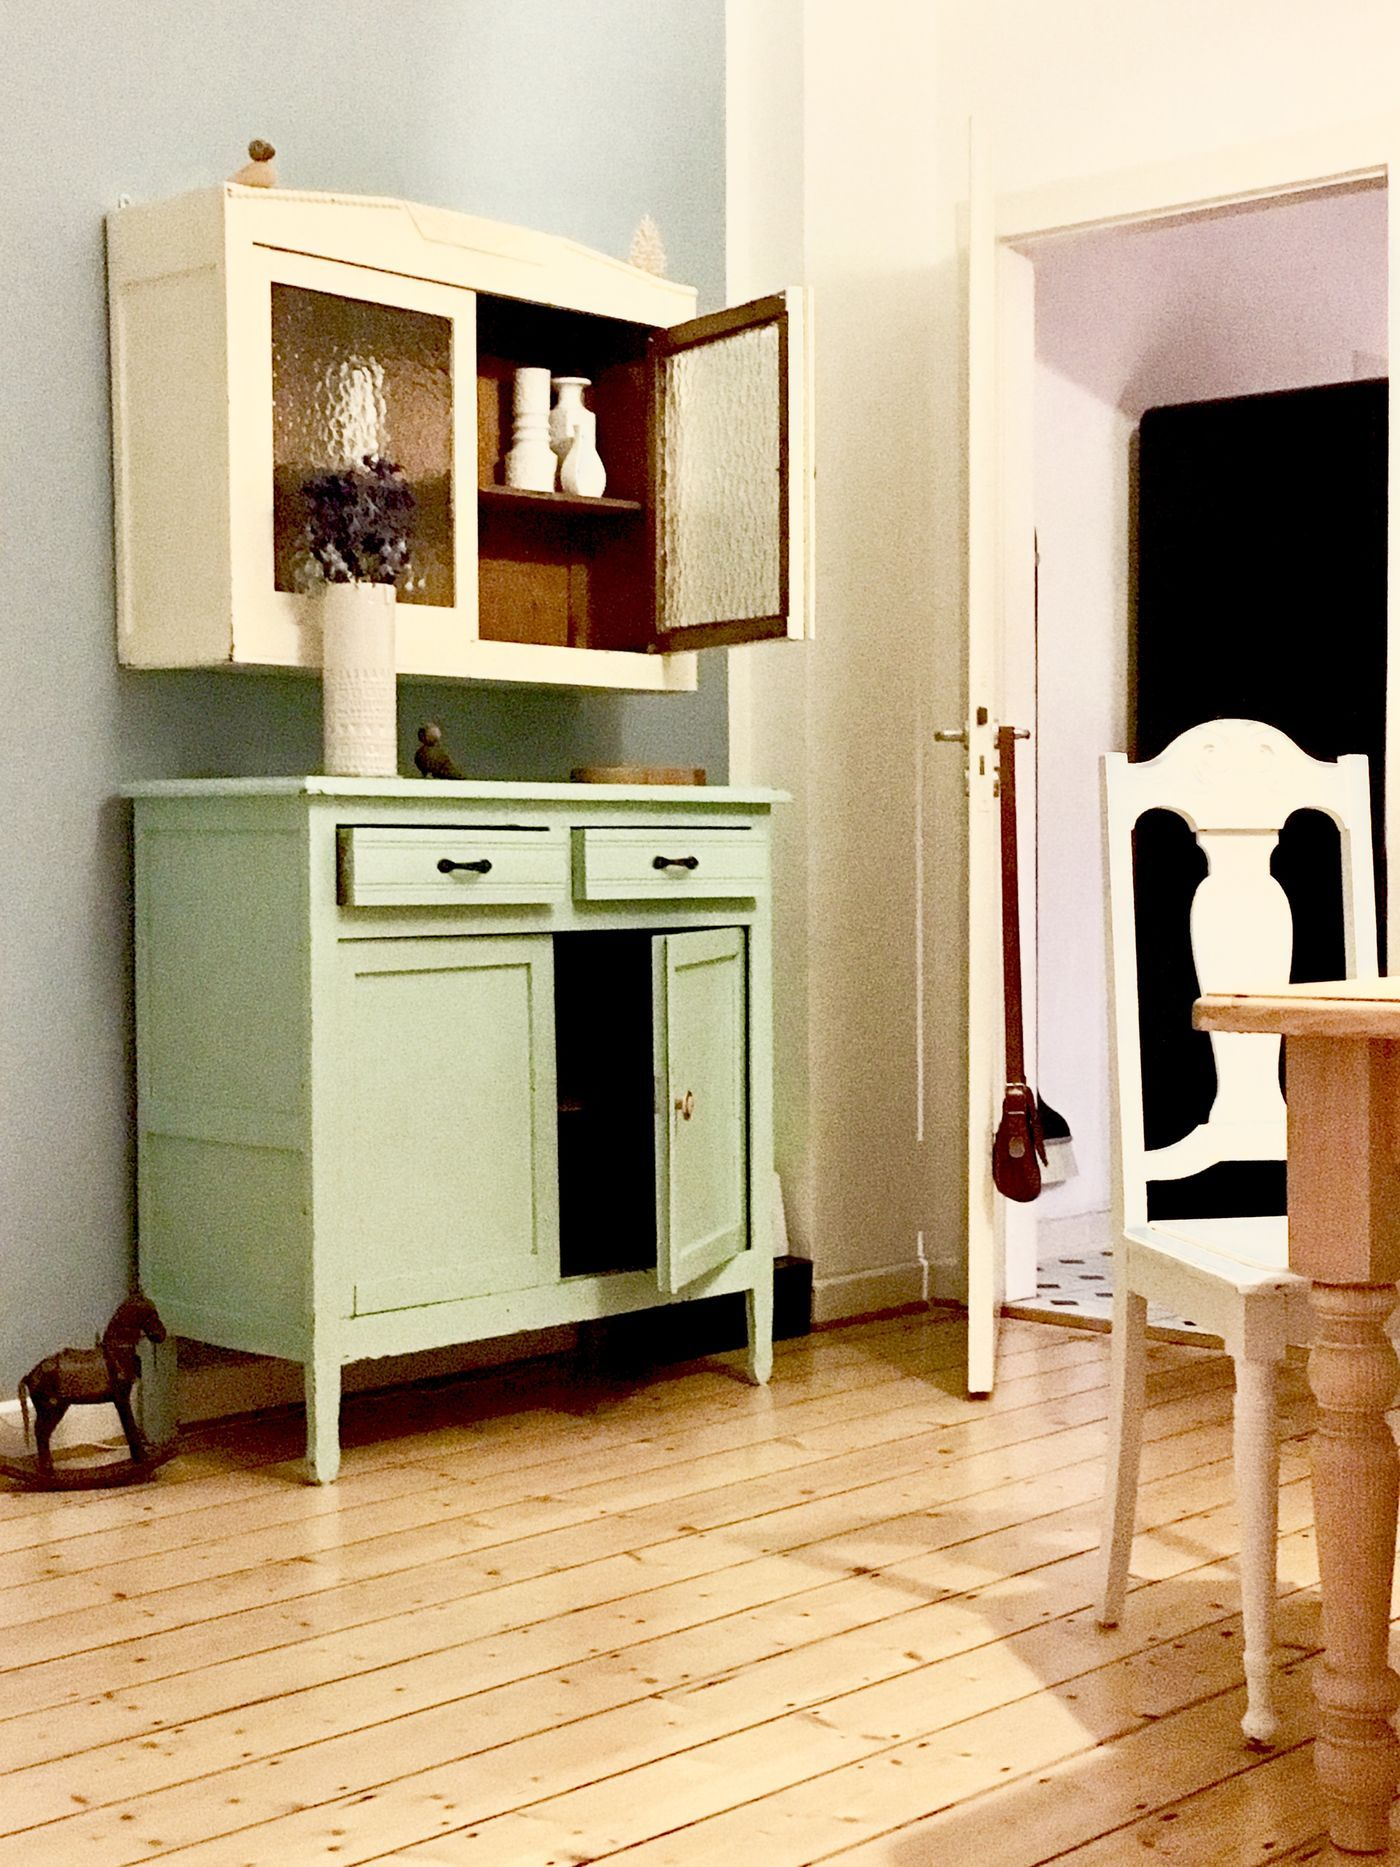 Full Size of Küche Einrichten Ideen Kleine Kuche Shabby Chic Caseconradcom Planen L Mit Elektrogeräten Eckküche Hängeschränke Deckenleuchte Ikea Kosten Eckbank Wohnzimmer Küche Einrichten Ideen